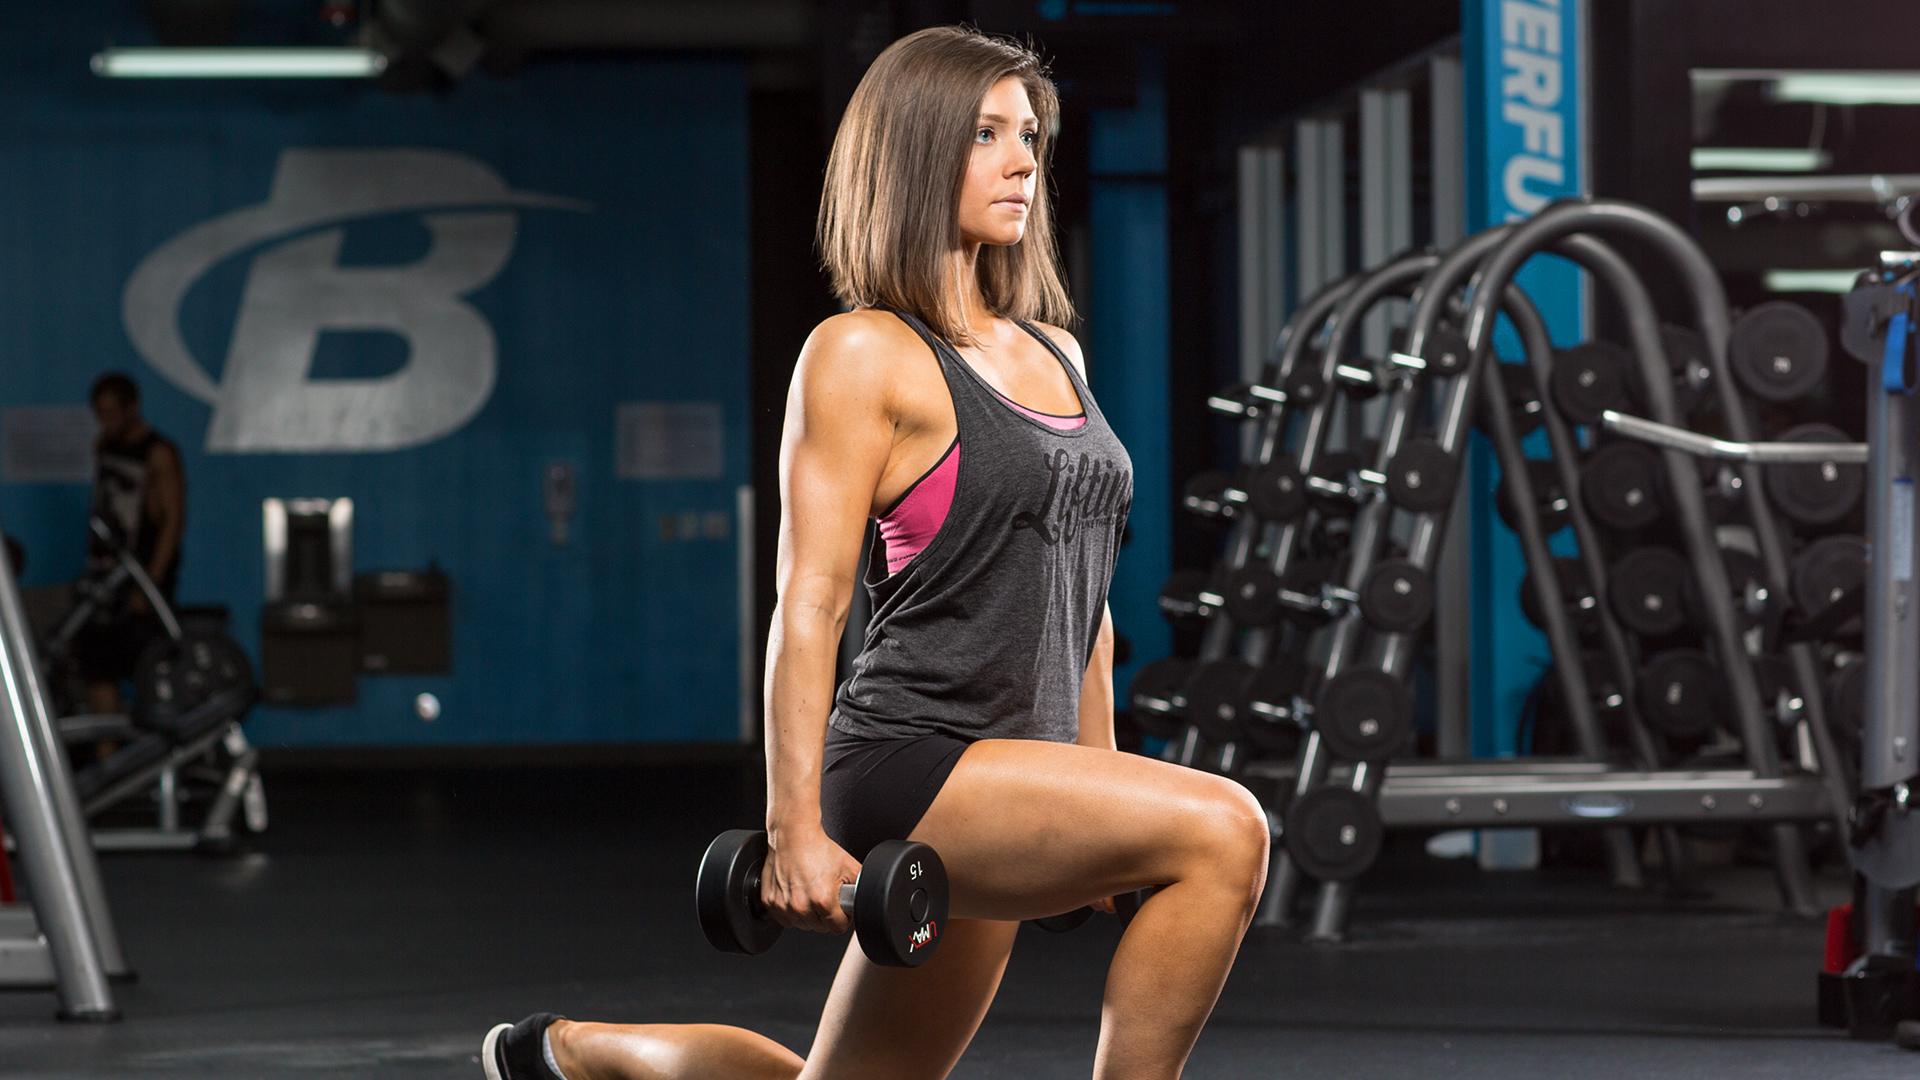 Fitness: Girl, Brunette, Woman, Blue Eyes, Fitness